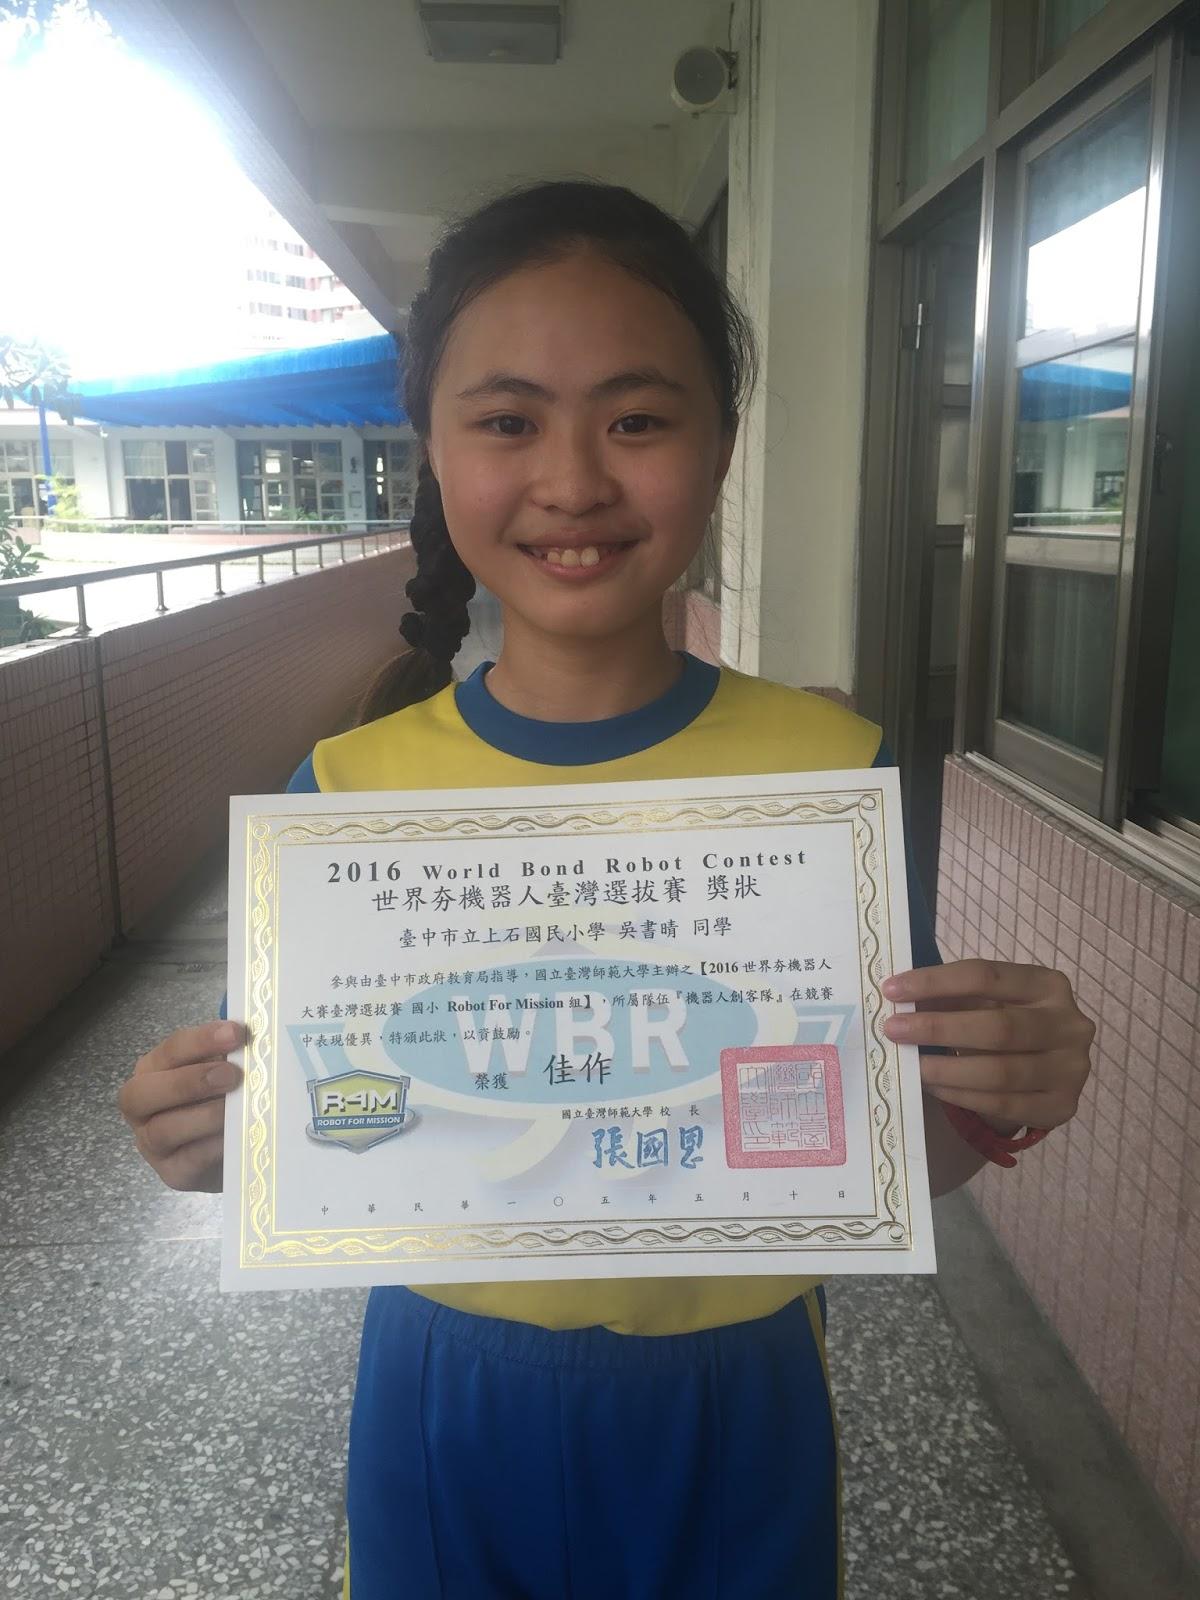 上石國小周素萍老師的教學blog: 05252016WBR世界夯機器人大賽全國賽R4M組佳作